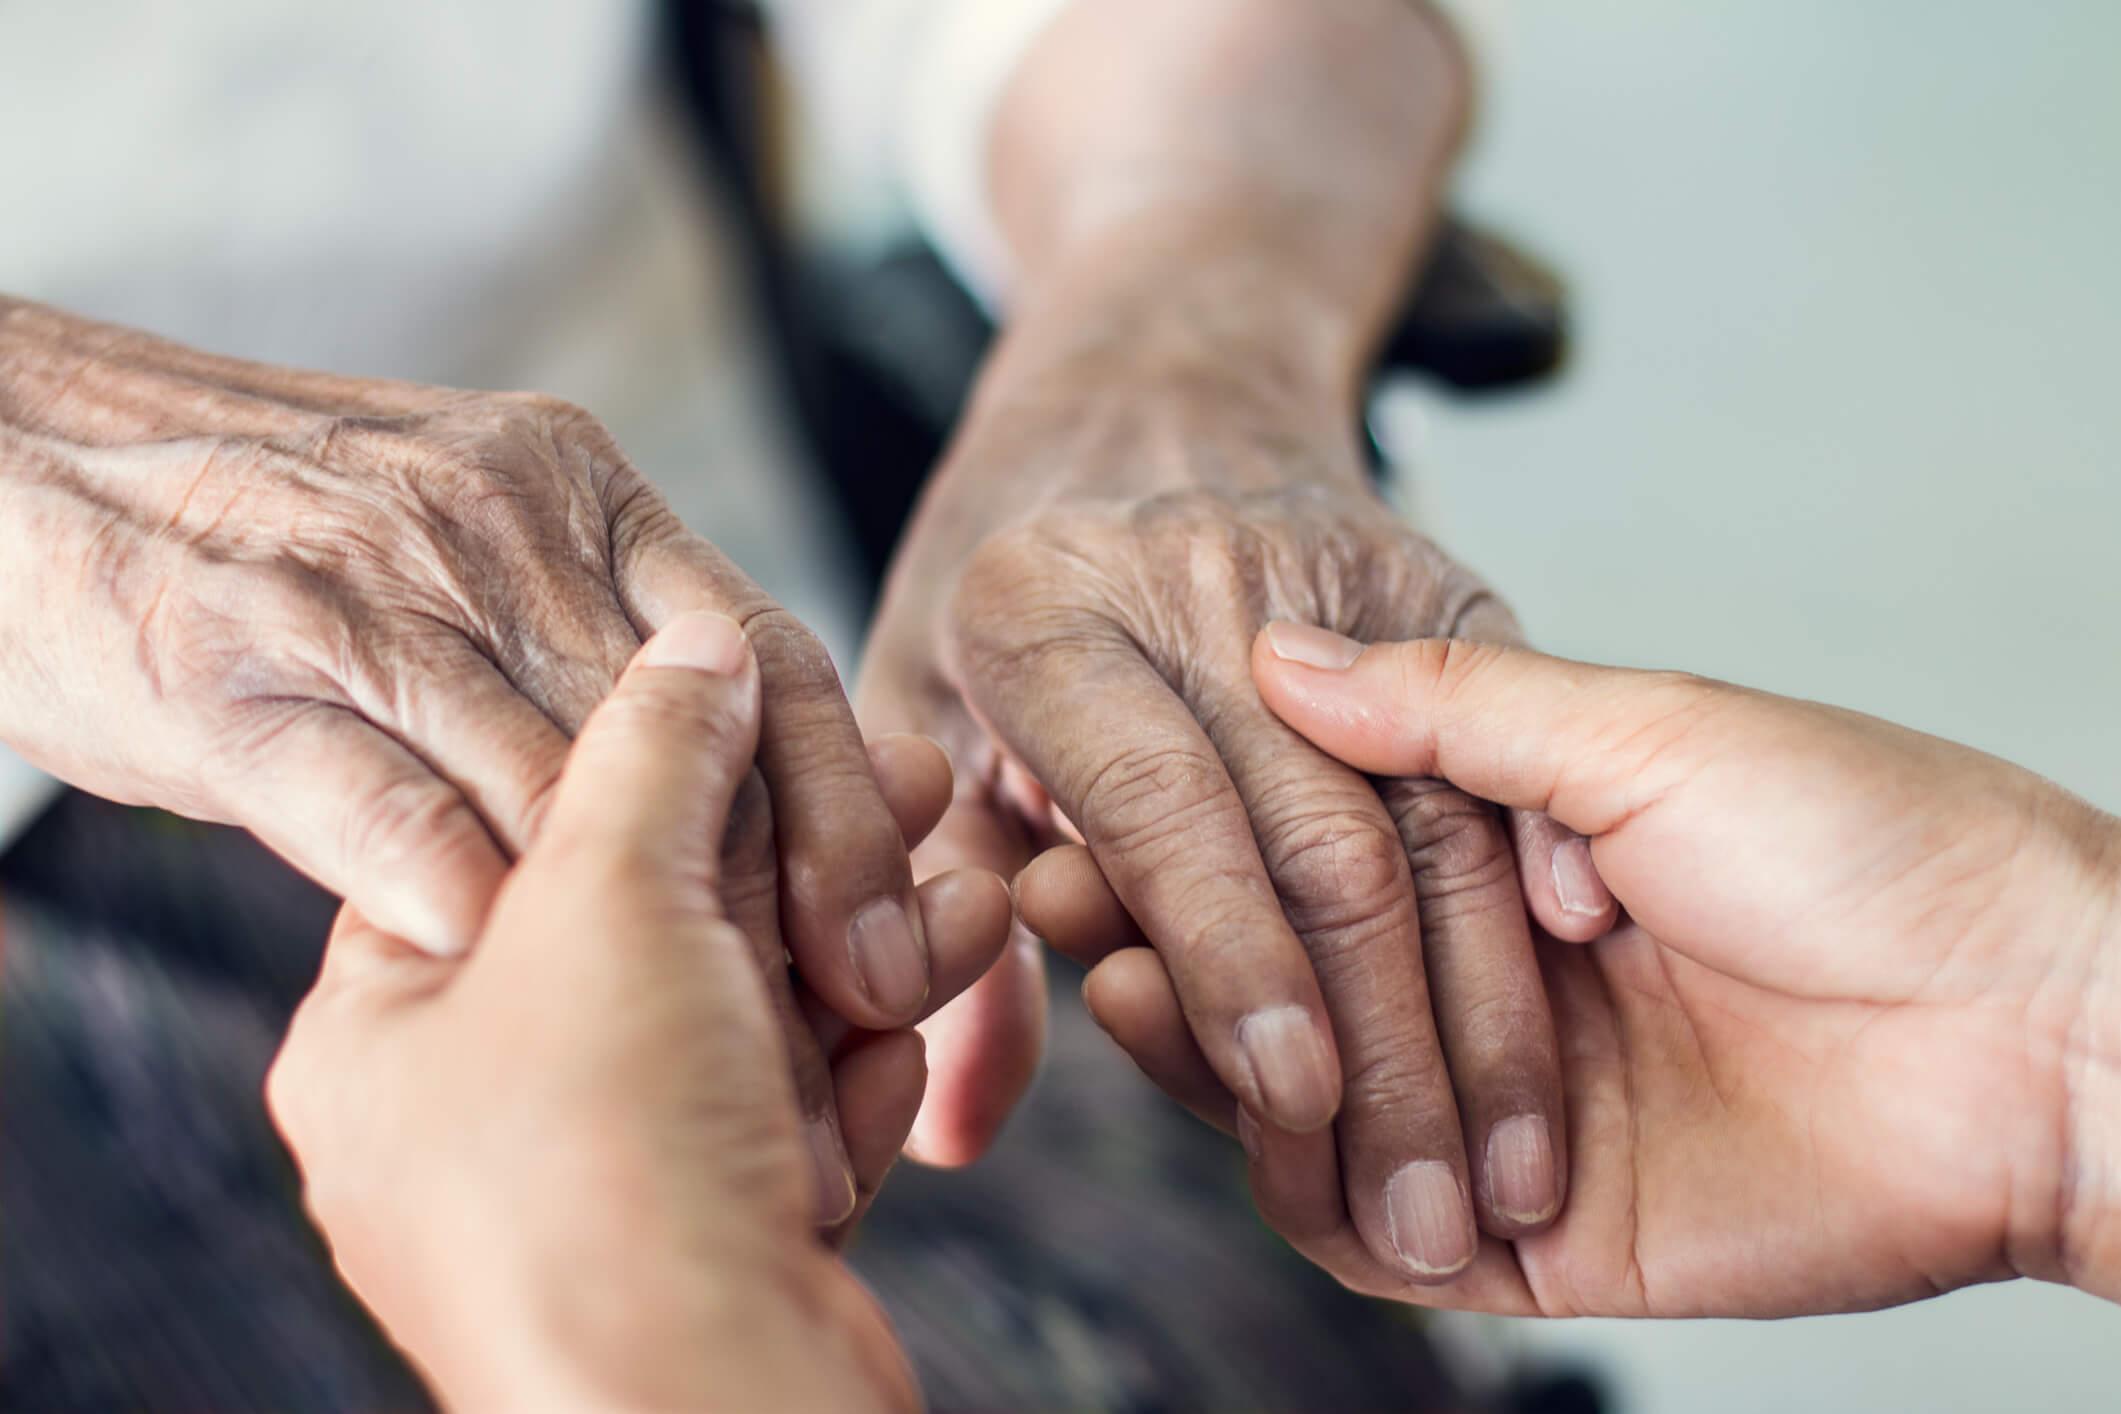 How Can I Combat Caregiver Fatigue